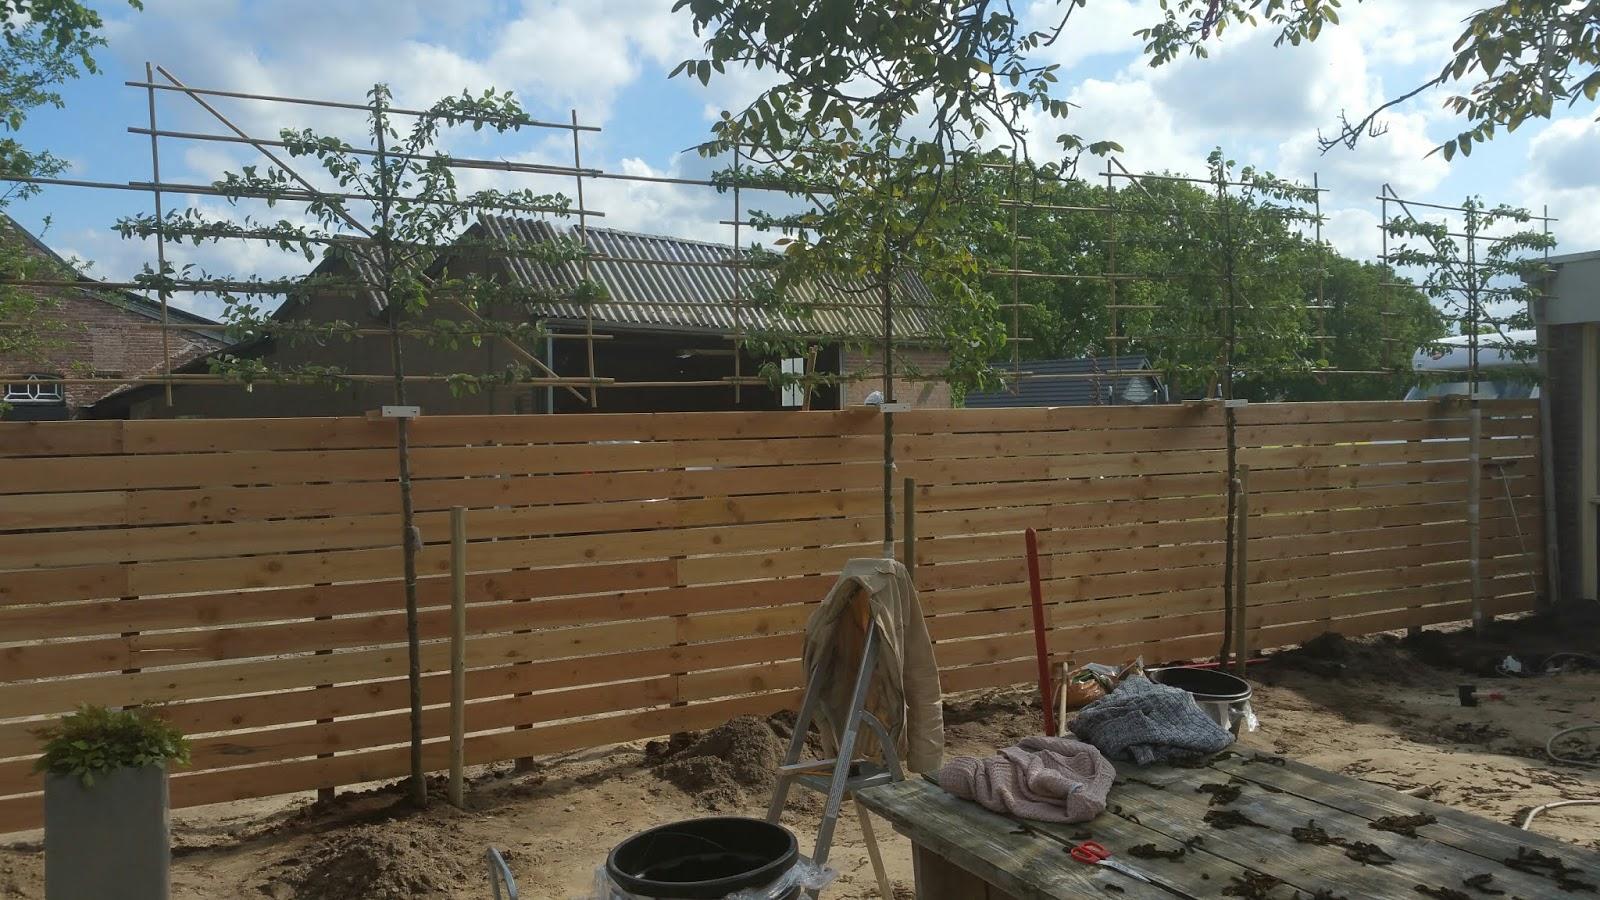 Elektra Aanleggen Tuin : Atelier het uilenhuis zomer in de tuin